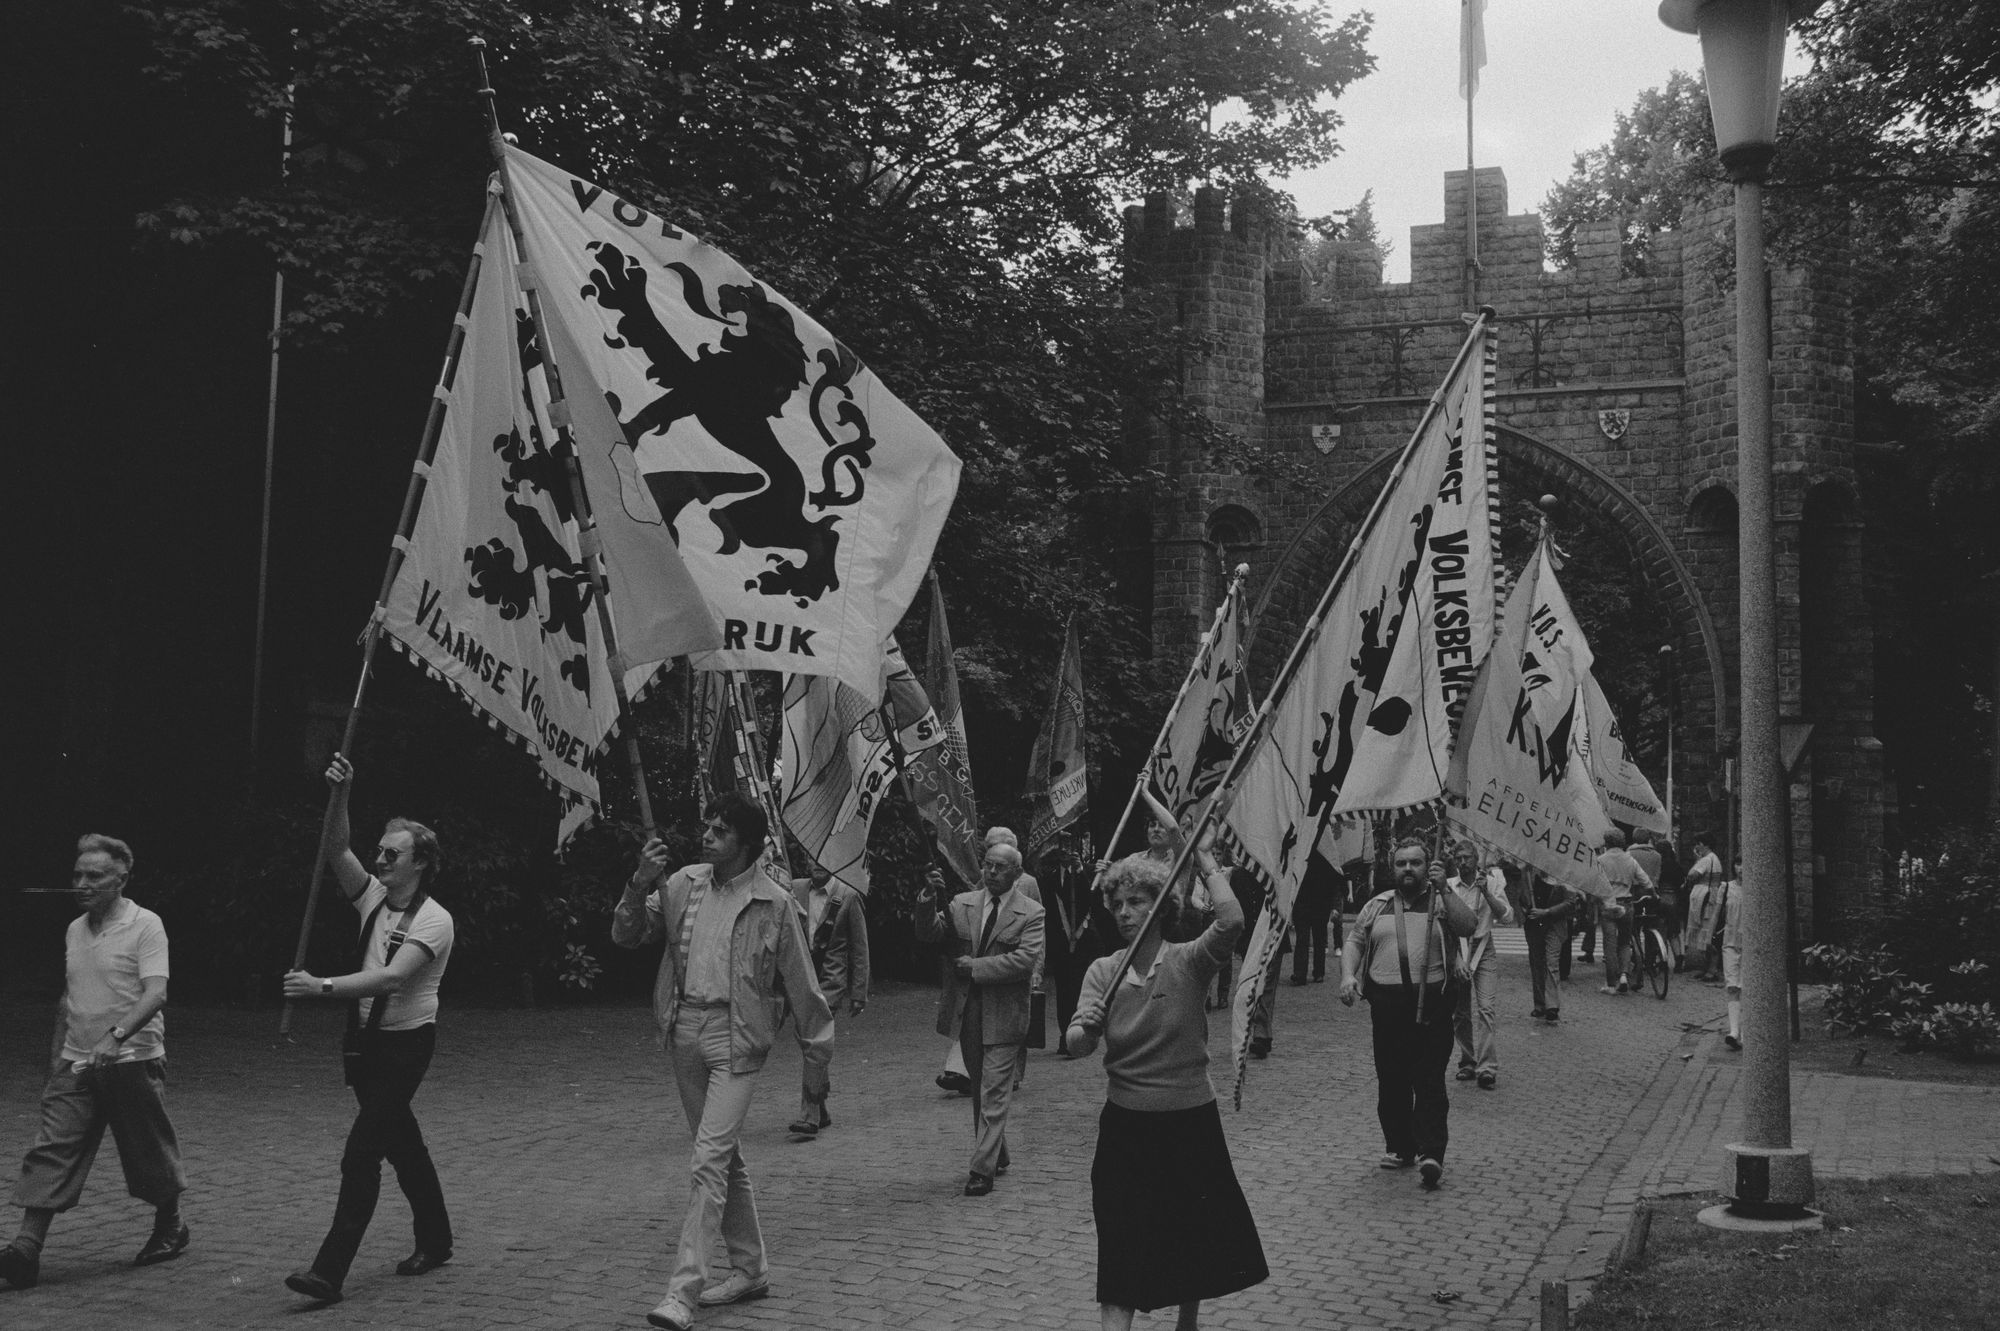 Vlaggendragers in de optocht tijdens de 11 juliviering 1982